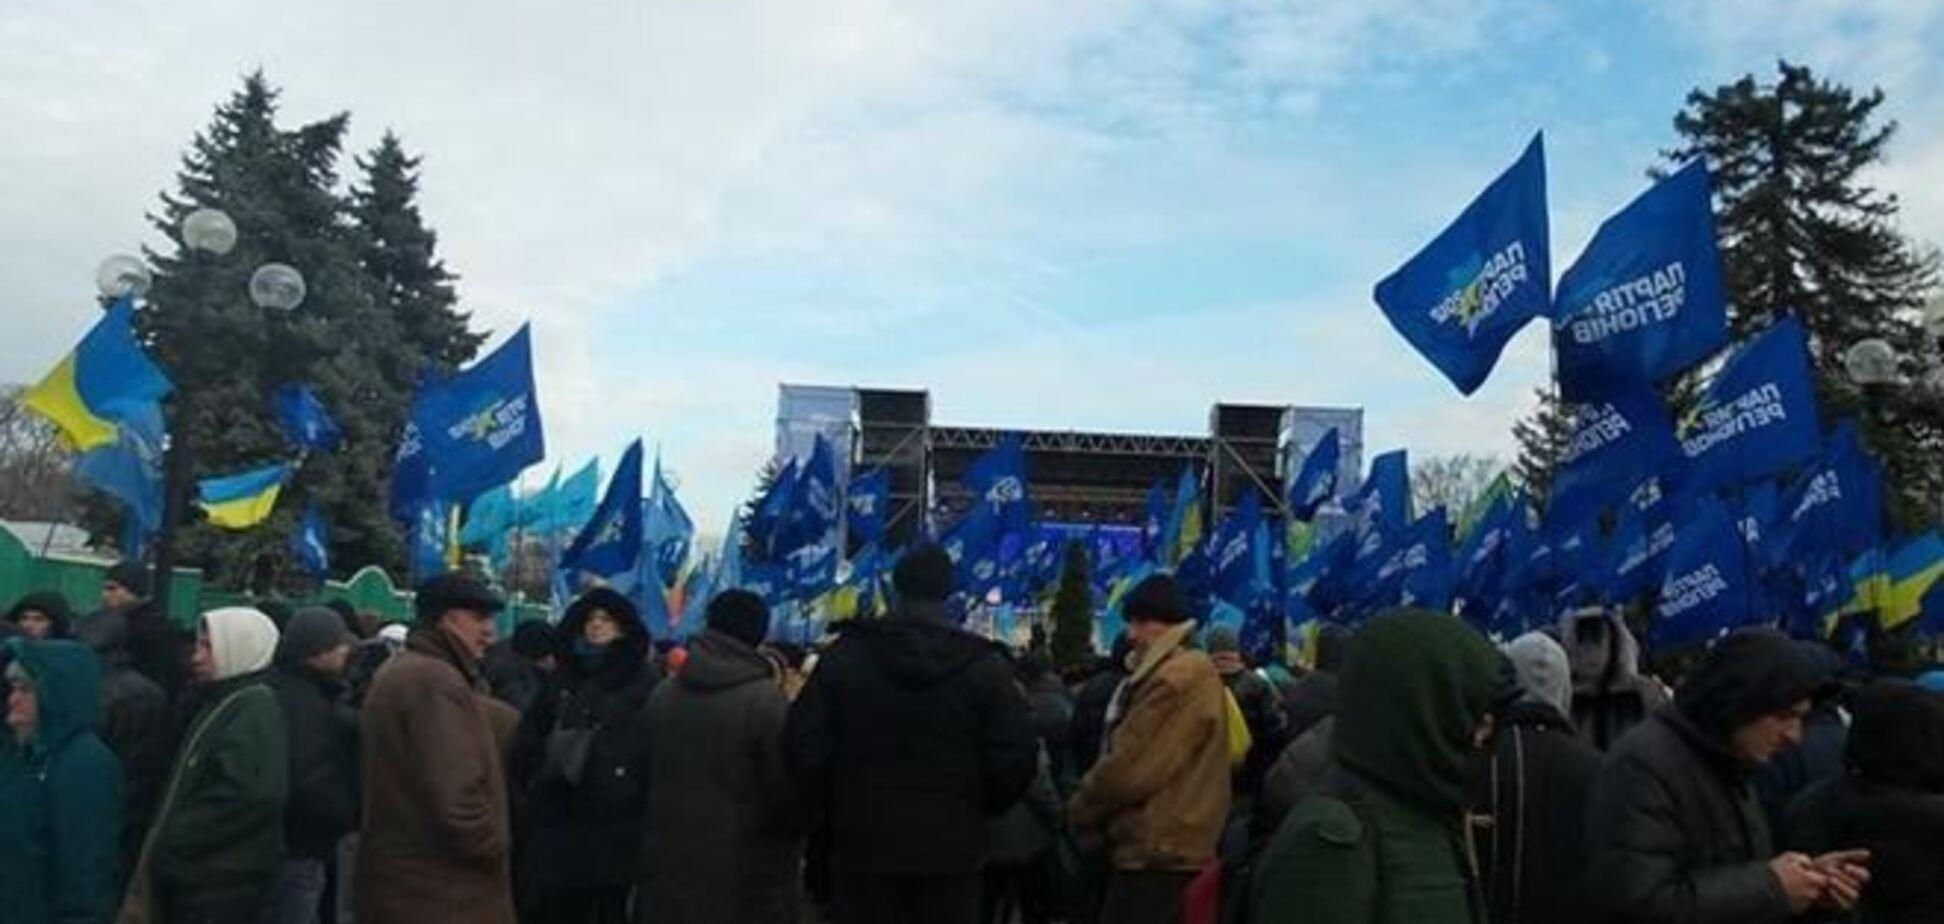 На митинг ПР в Киеве пришли 6 тысяч человек - милиция